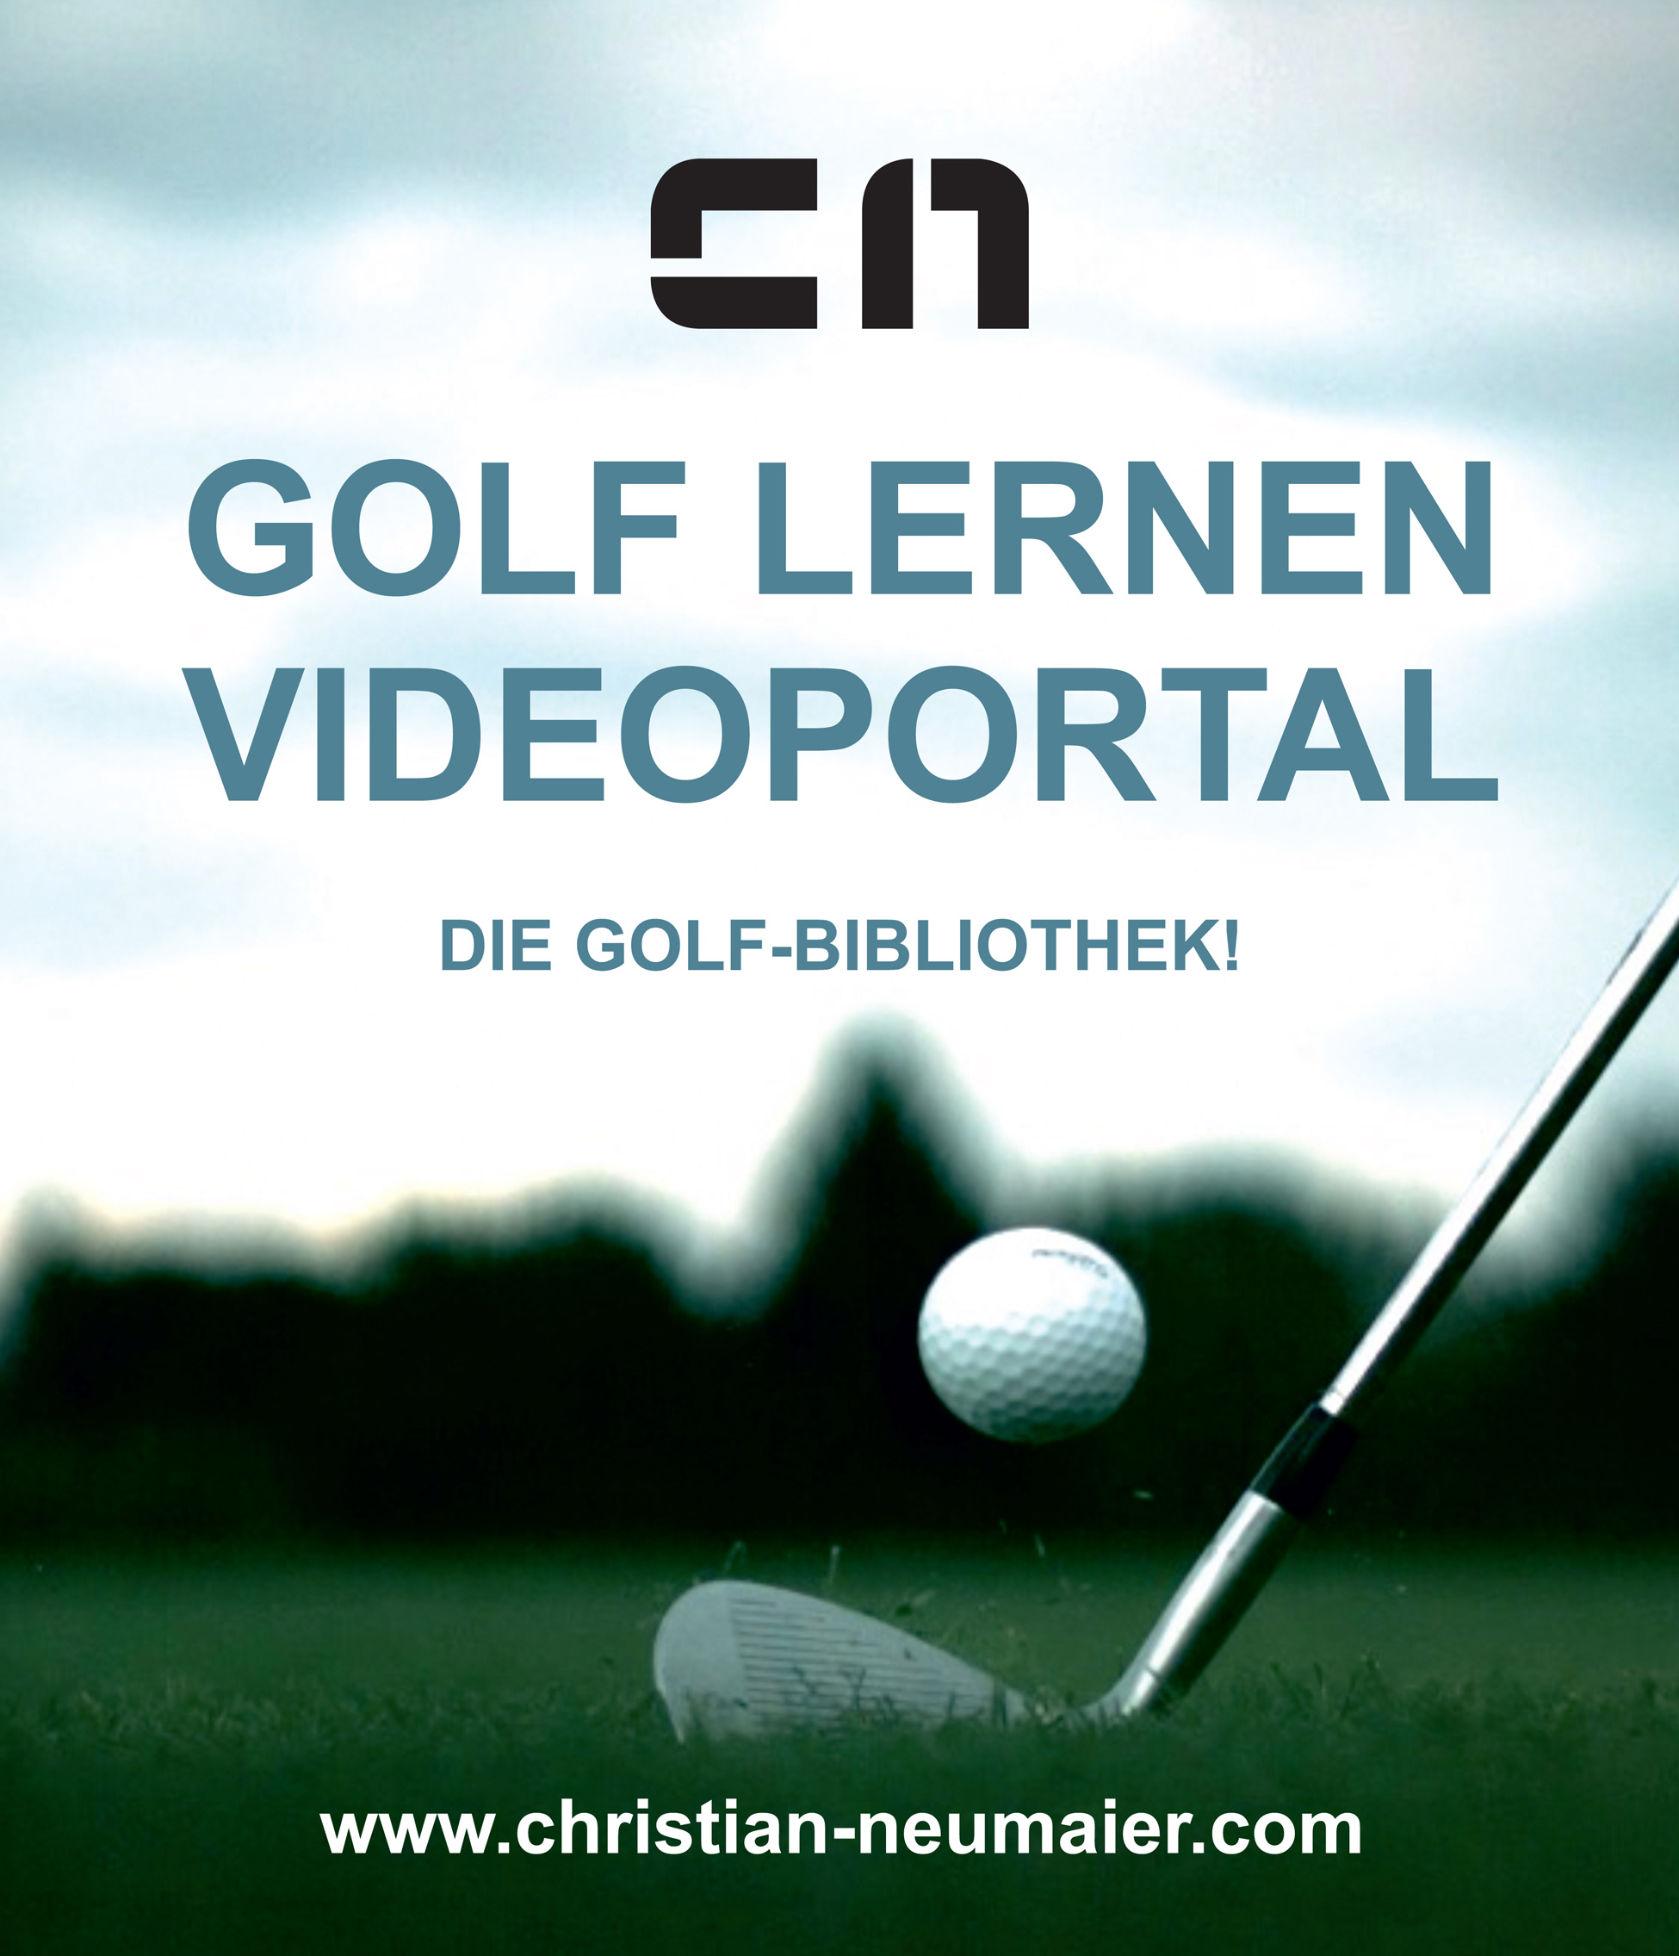 Golf lernen Videoportal - Christian Neumaier